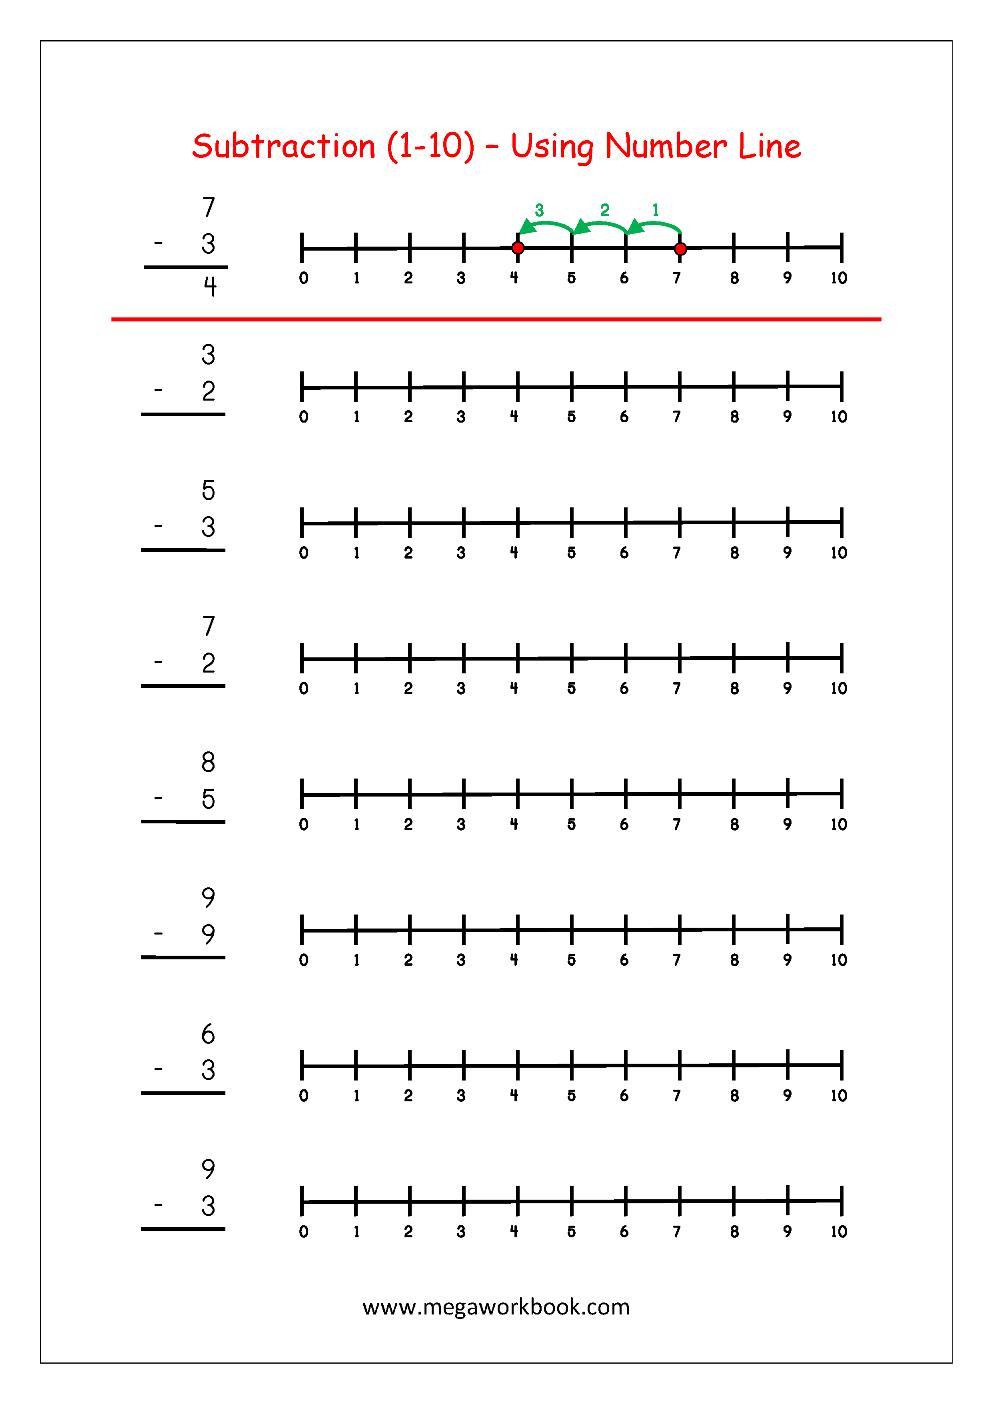 Subtraction Using Number Line | Maths Worksheets For Kindergarten - Free Printable Number Line For Kids